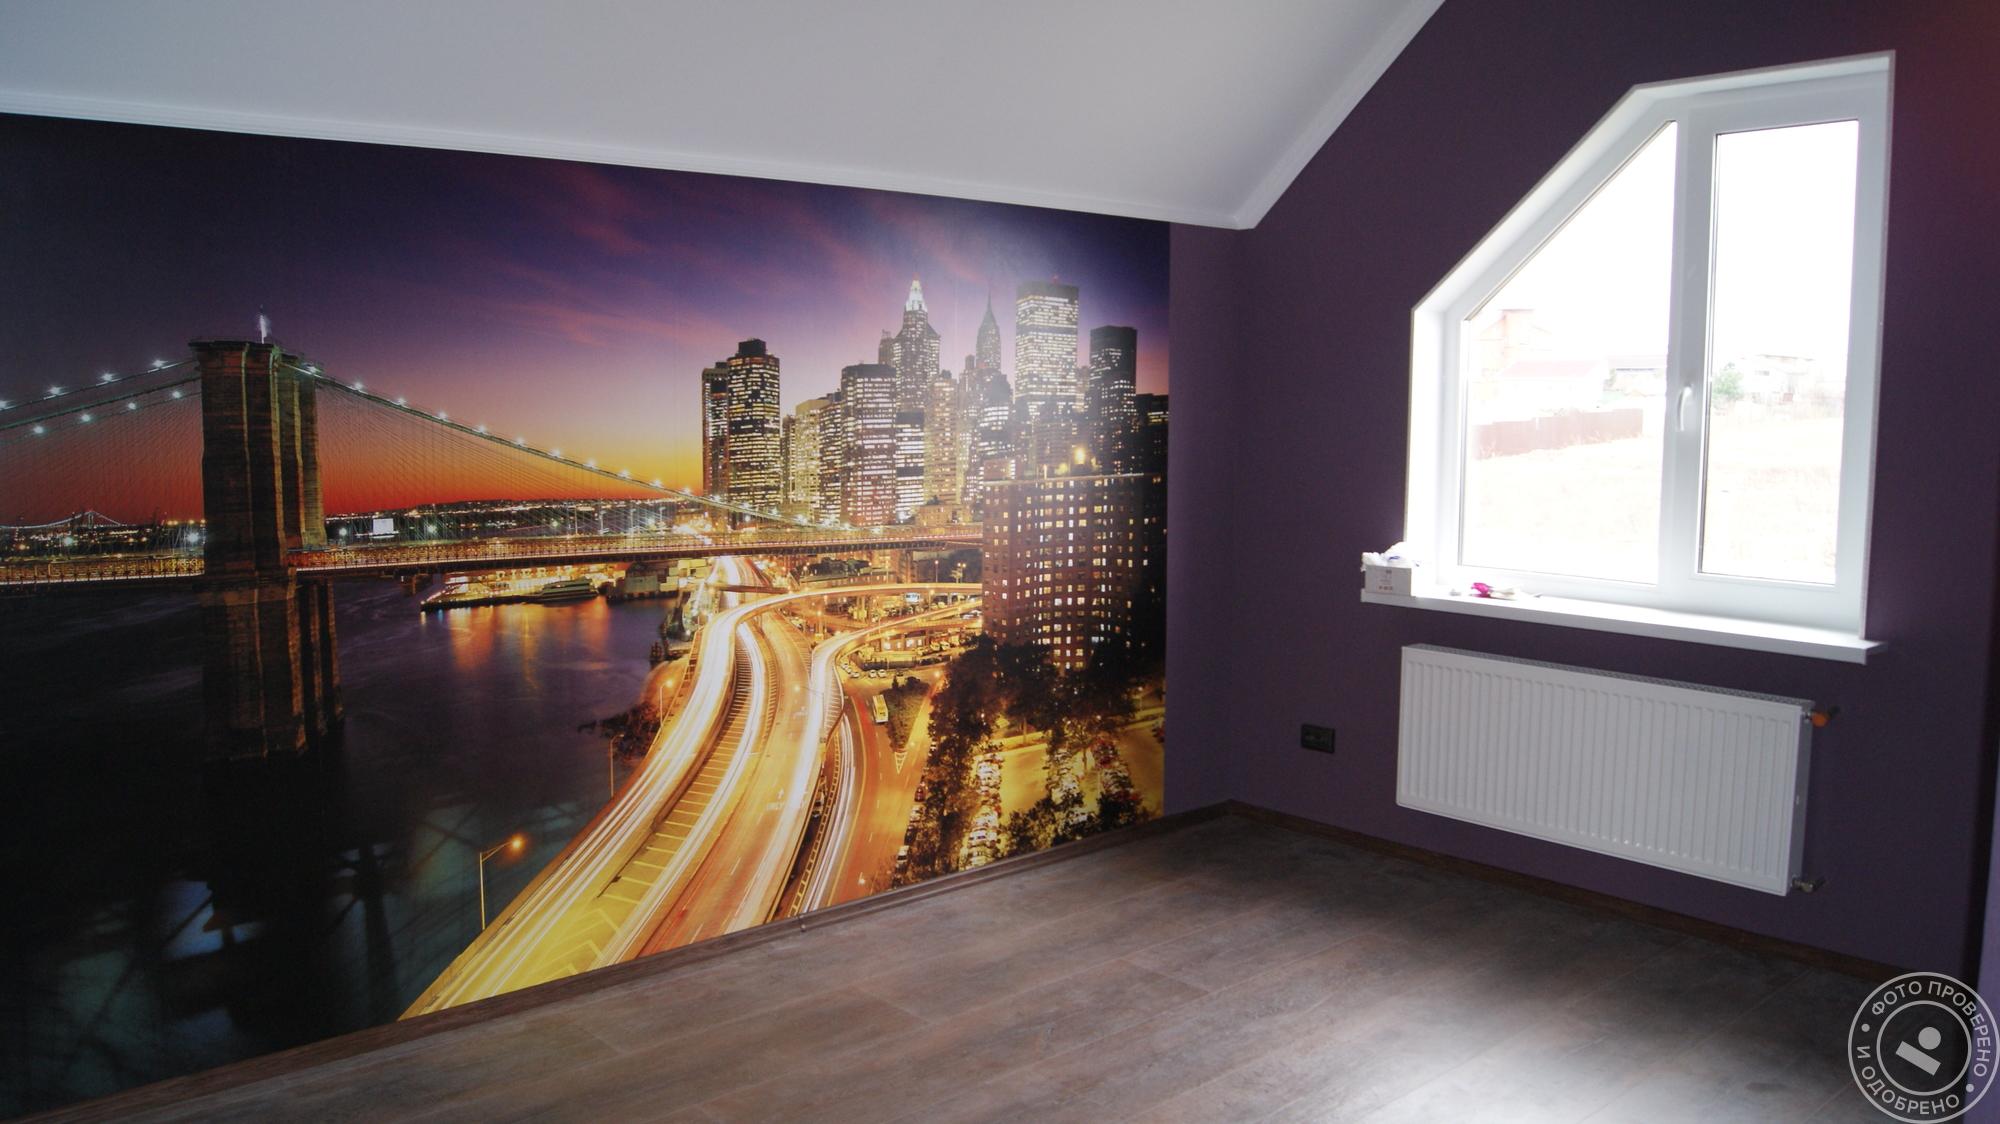 Фотообои в интерьере квартиры — советы по выбору